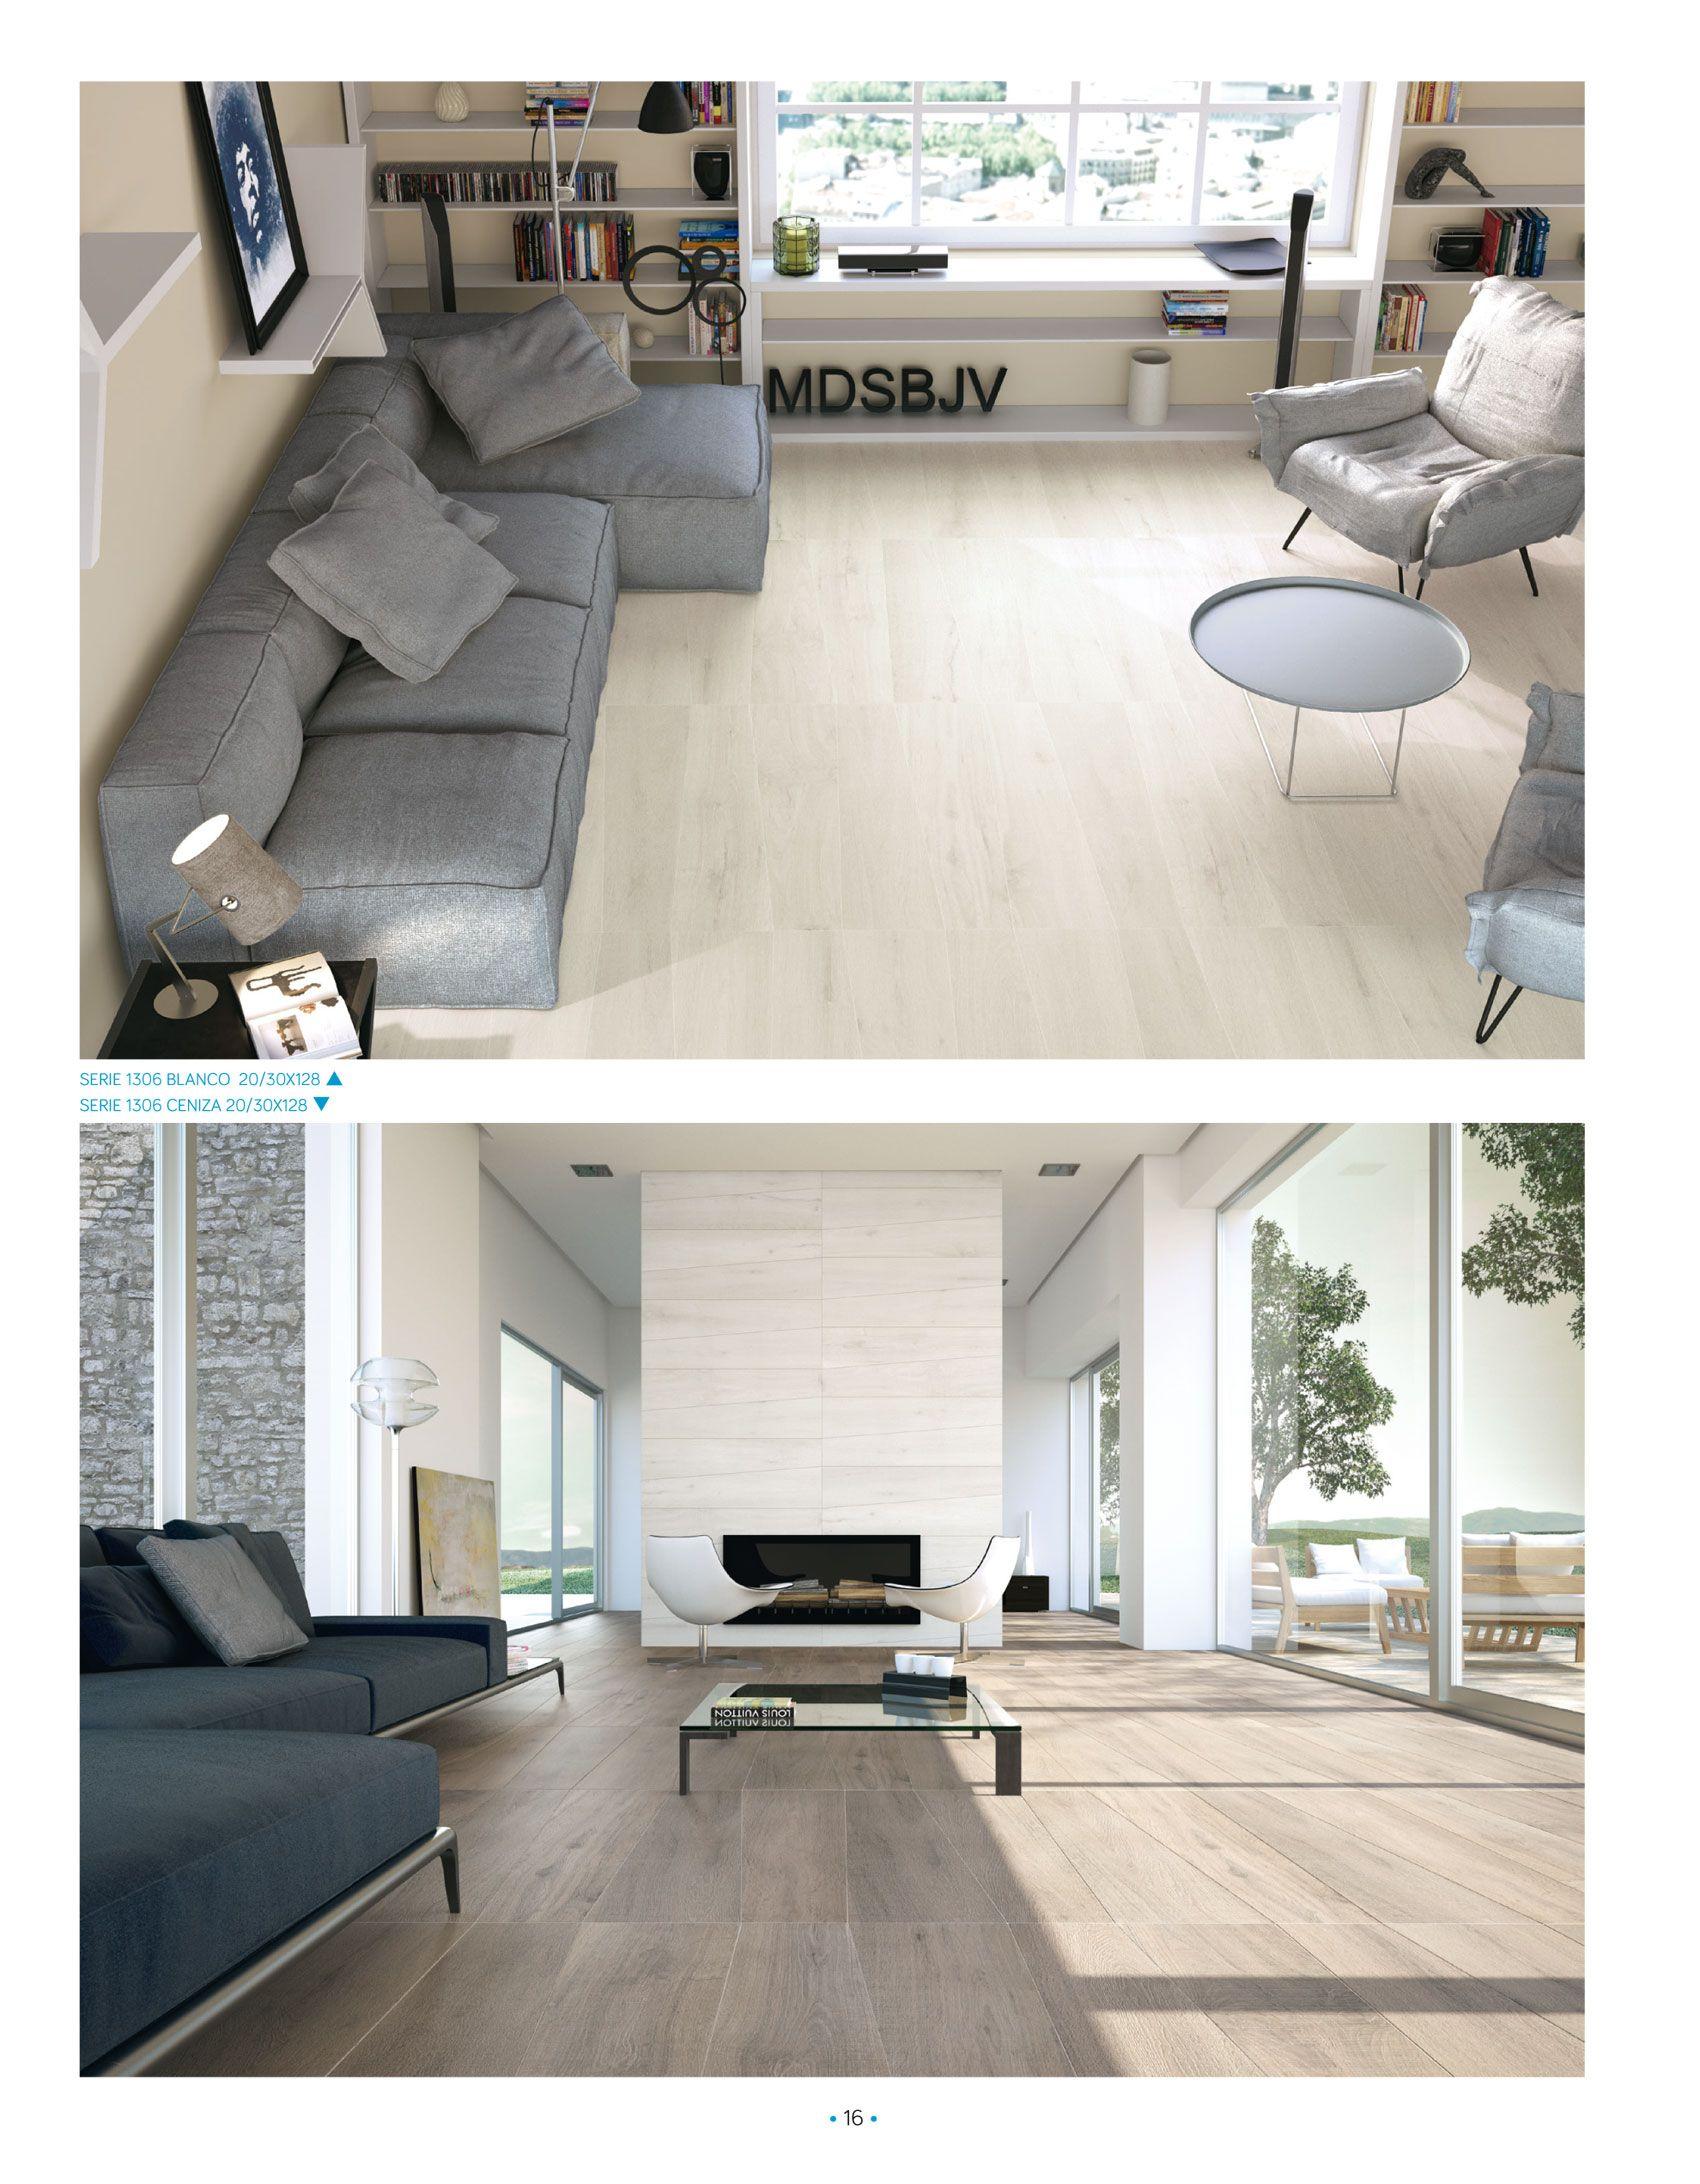 Serie 3028 3029 in 2019 pisos suelo porcelanico imitacion madera suelos imitacion madera - Ceramicos imitacion madera ...